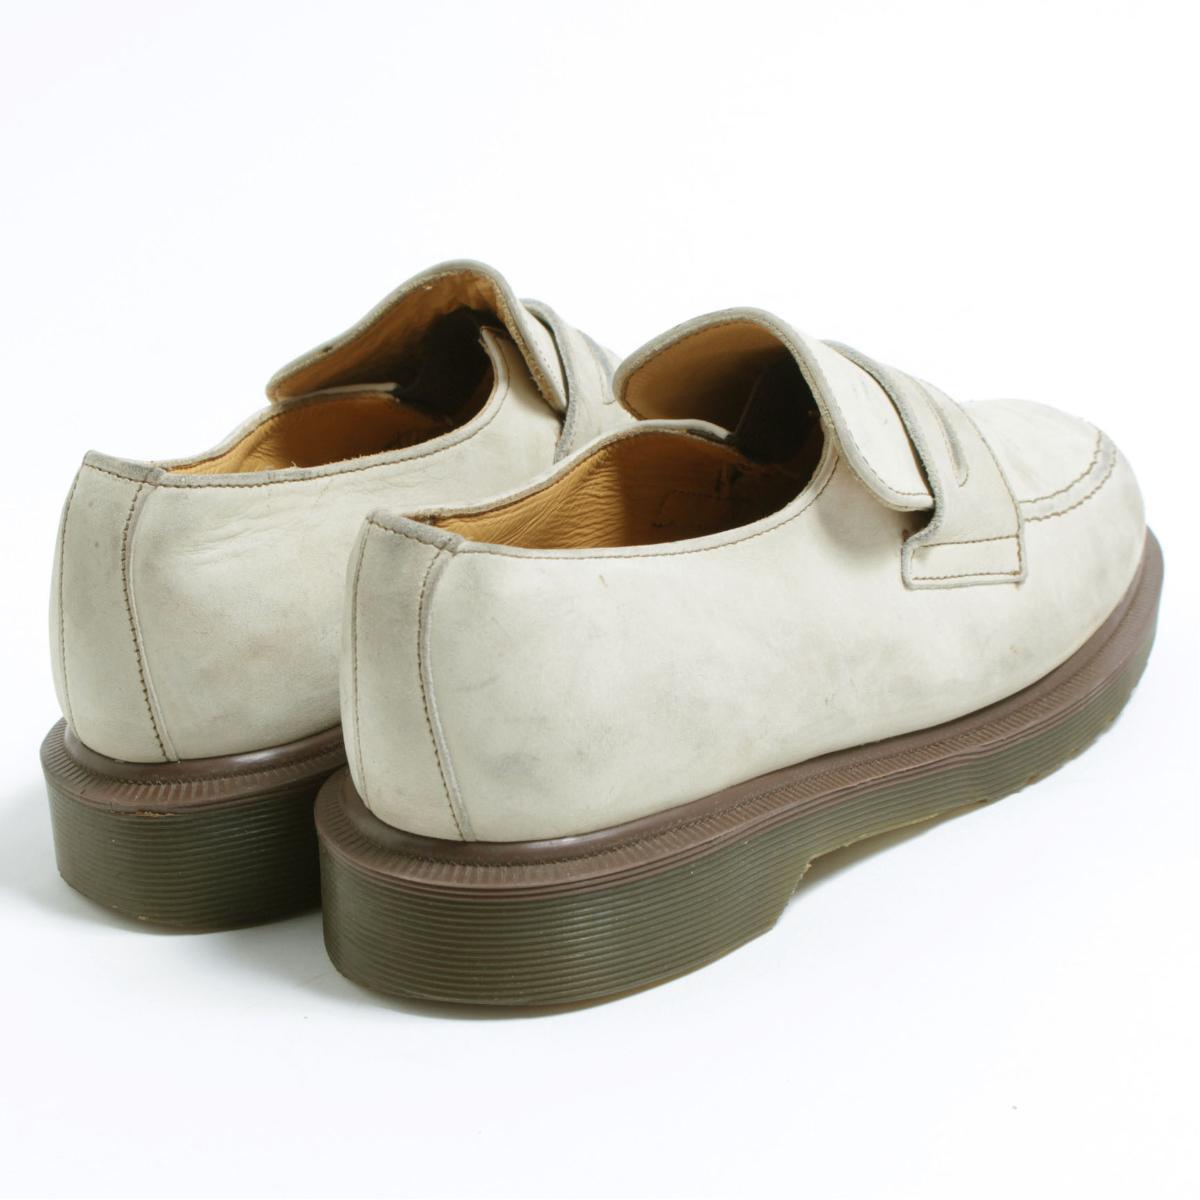 UK7 men 25.5cm /bon1648 made in the doctor Martin Dr.Martens penny loafers U.K.